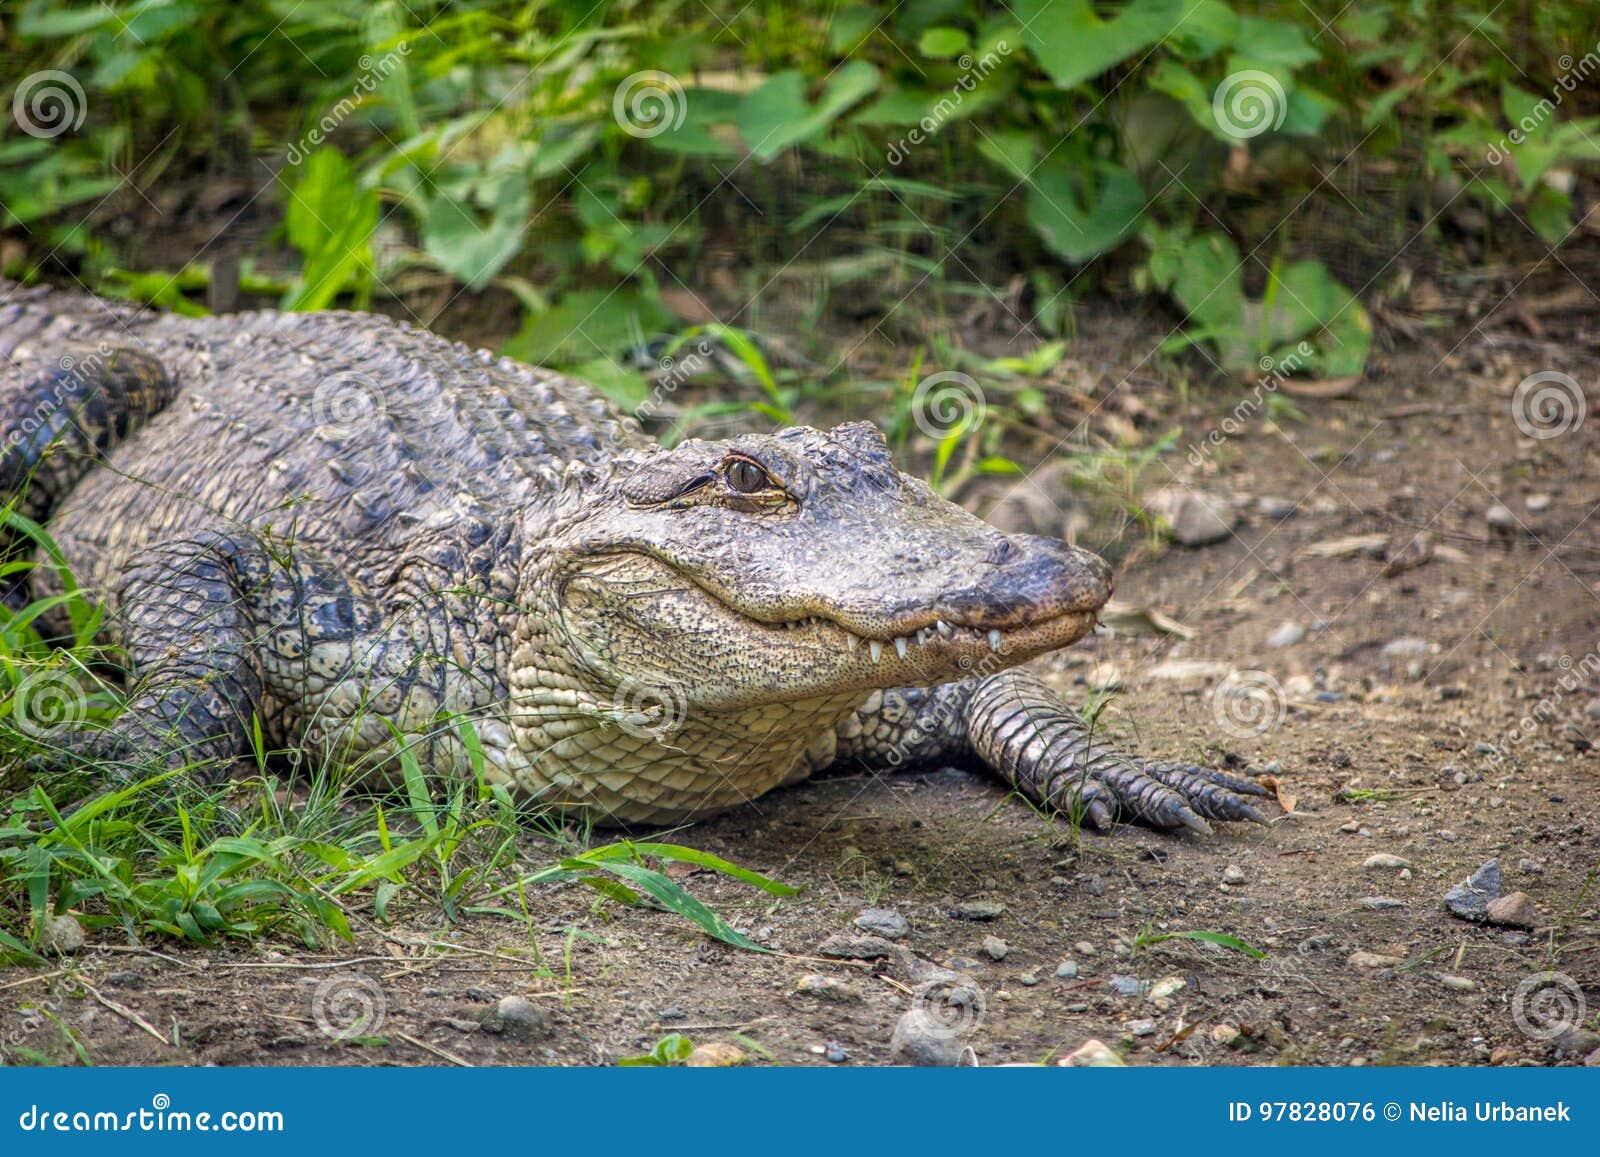 Amerikaanse Alligator dichtbij vegetatie